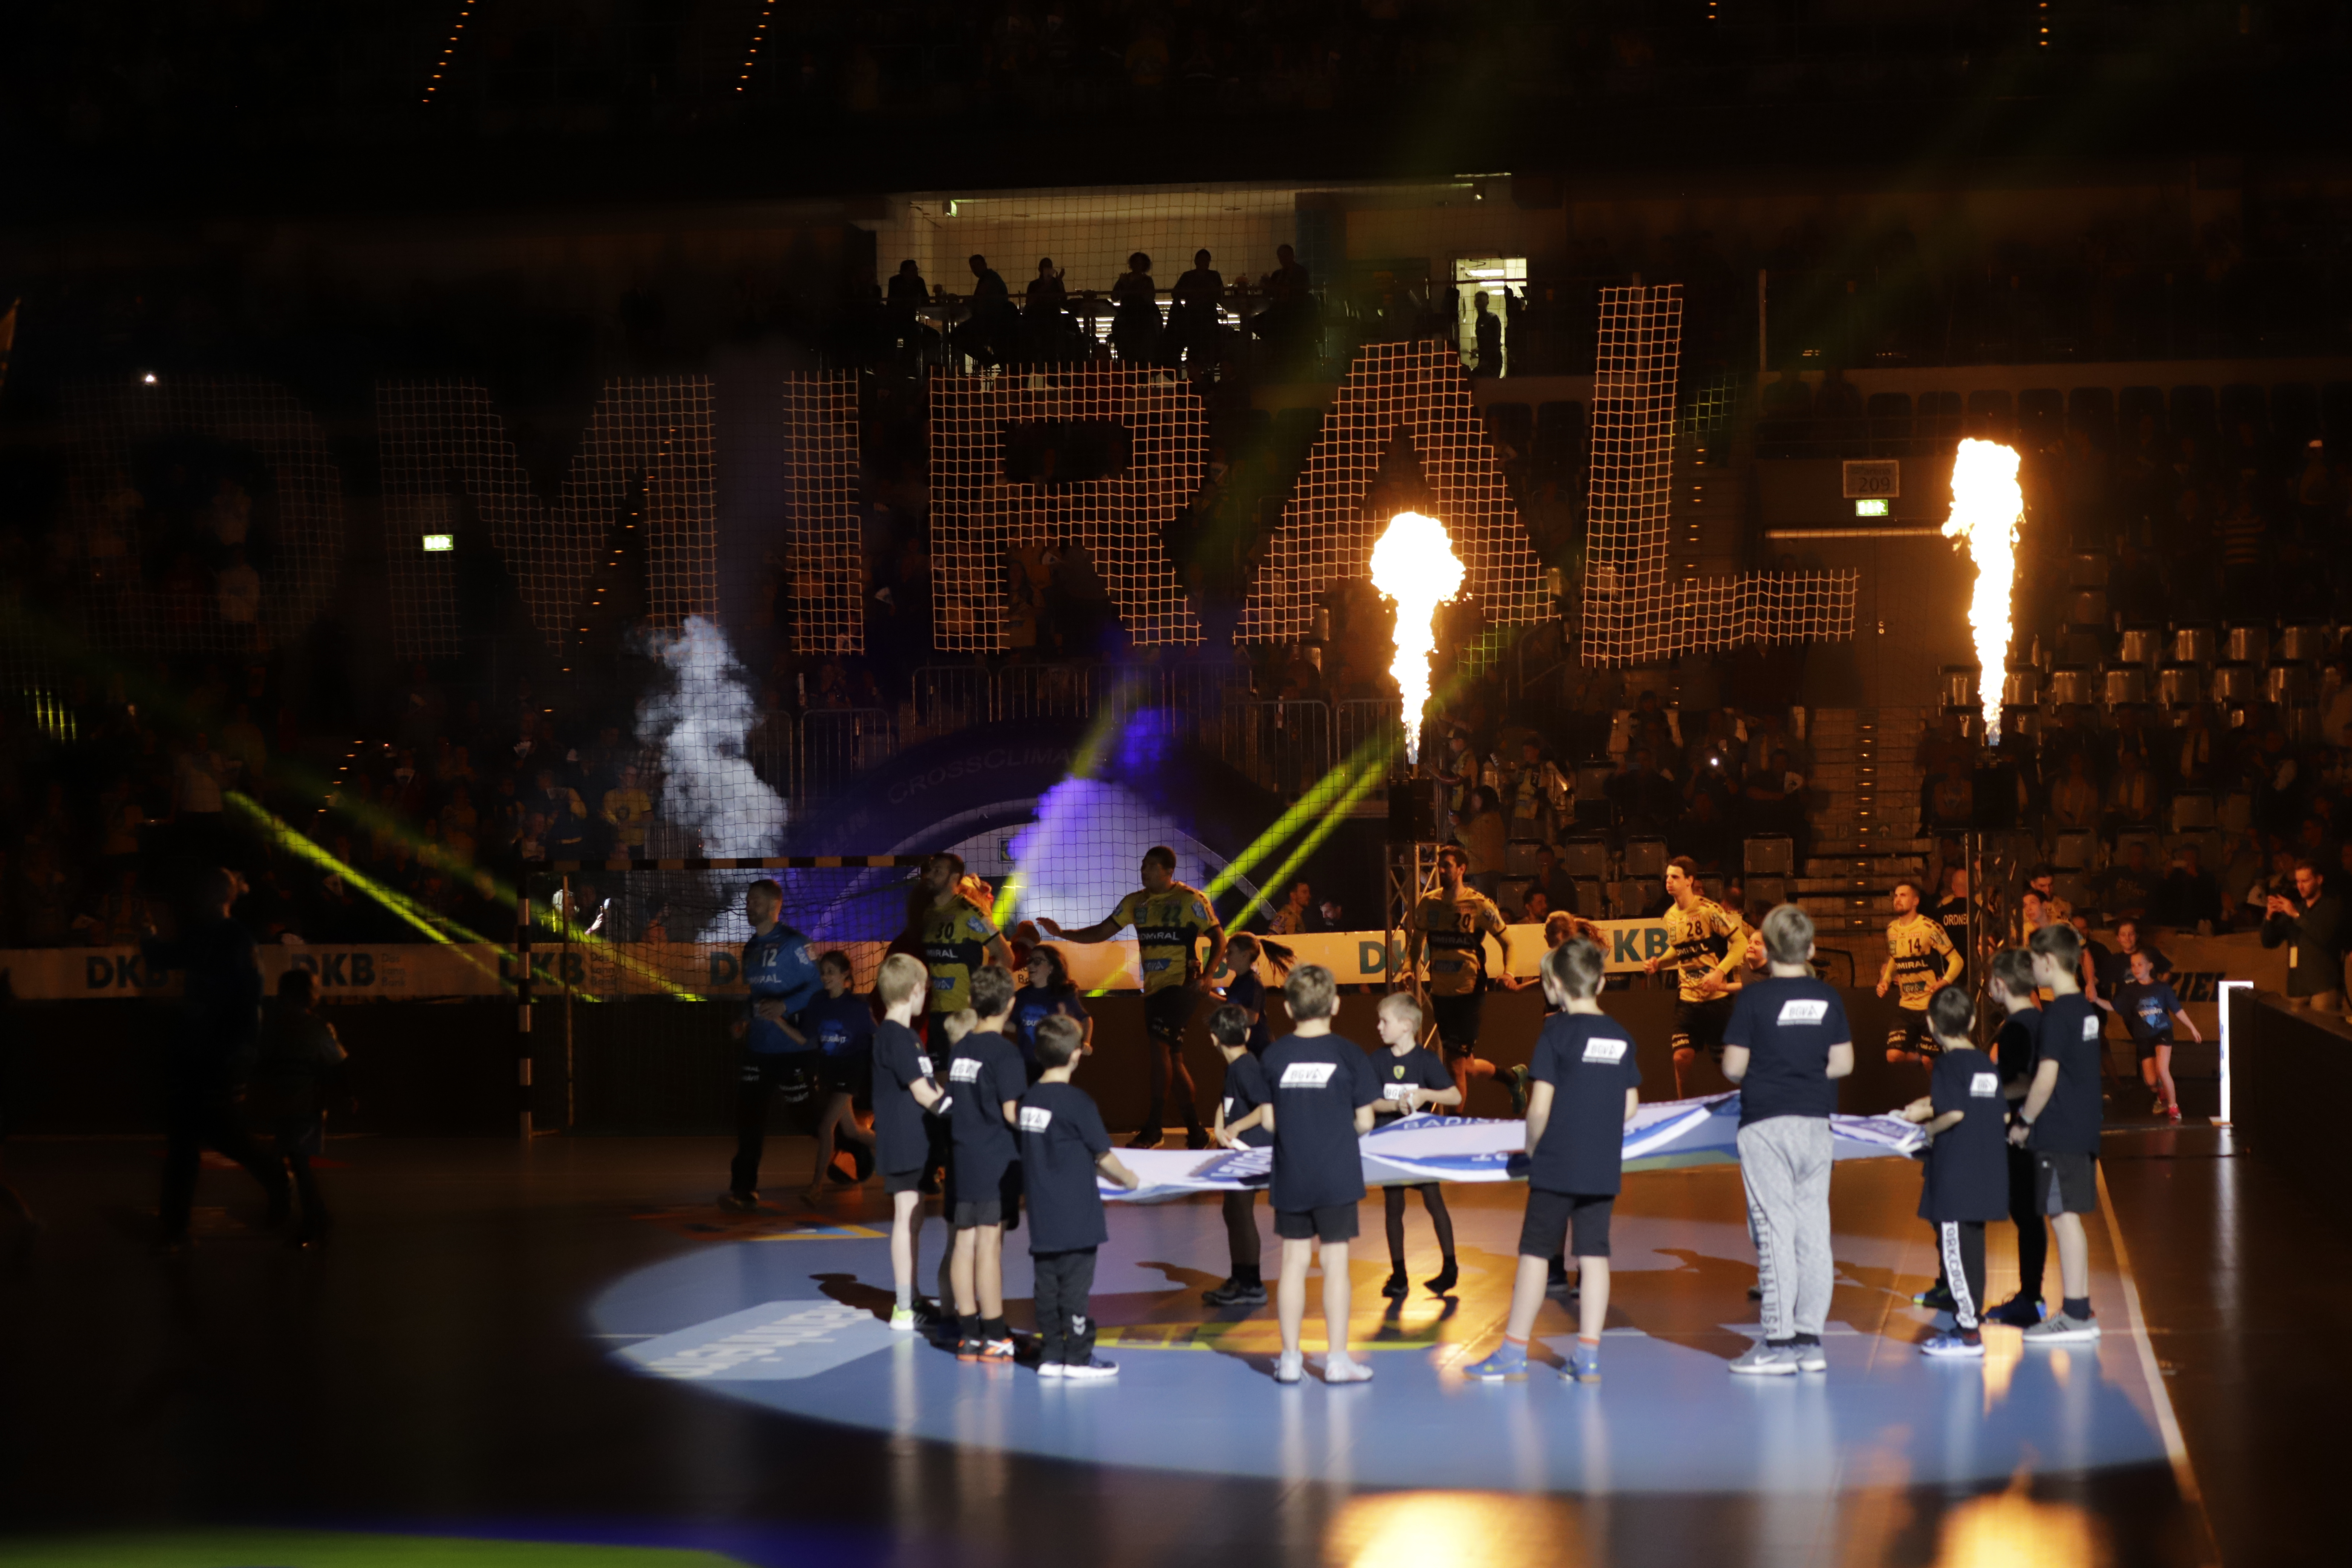 2018-12-15 0270 Handballspiel RNL HAN - Mannheim